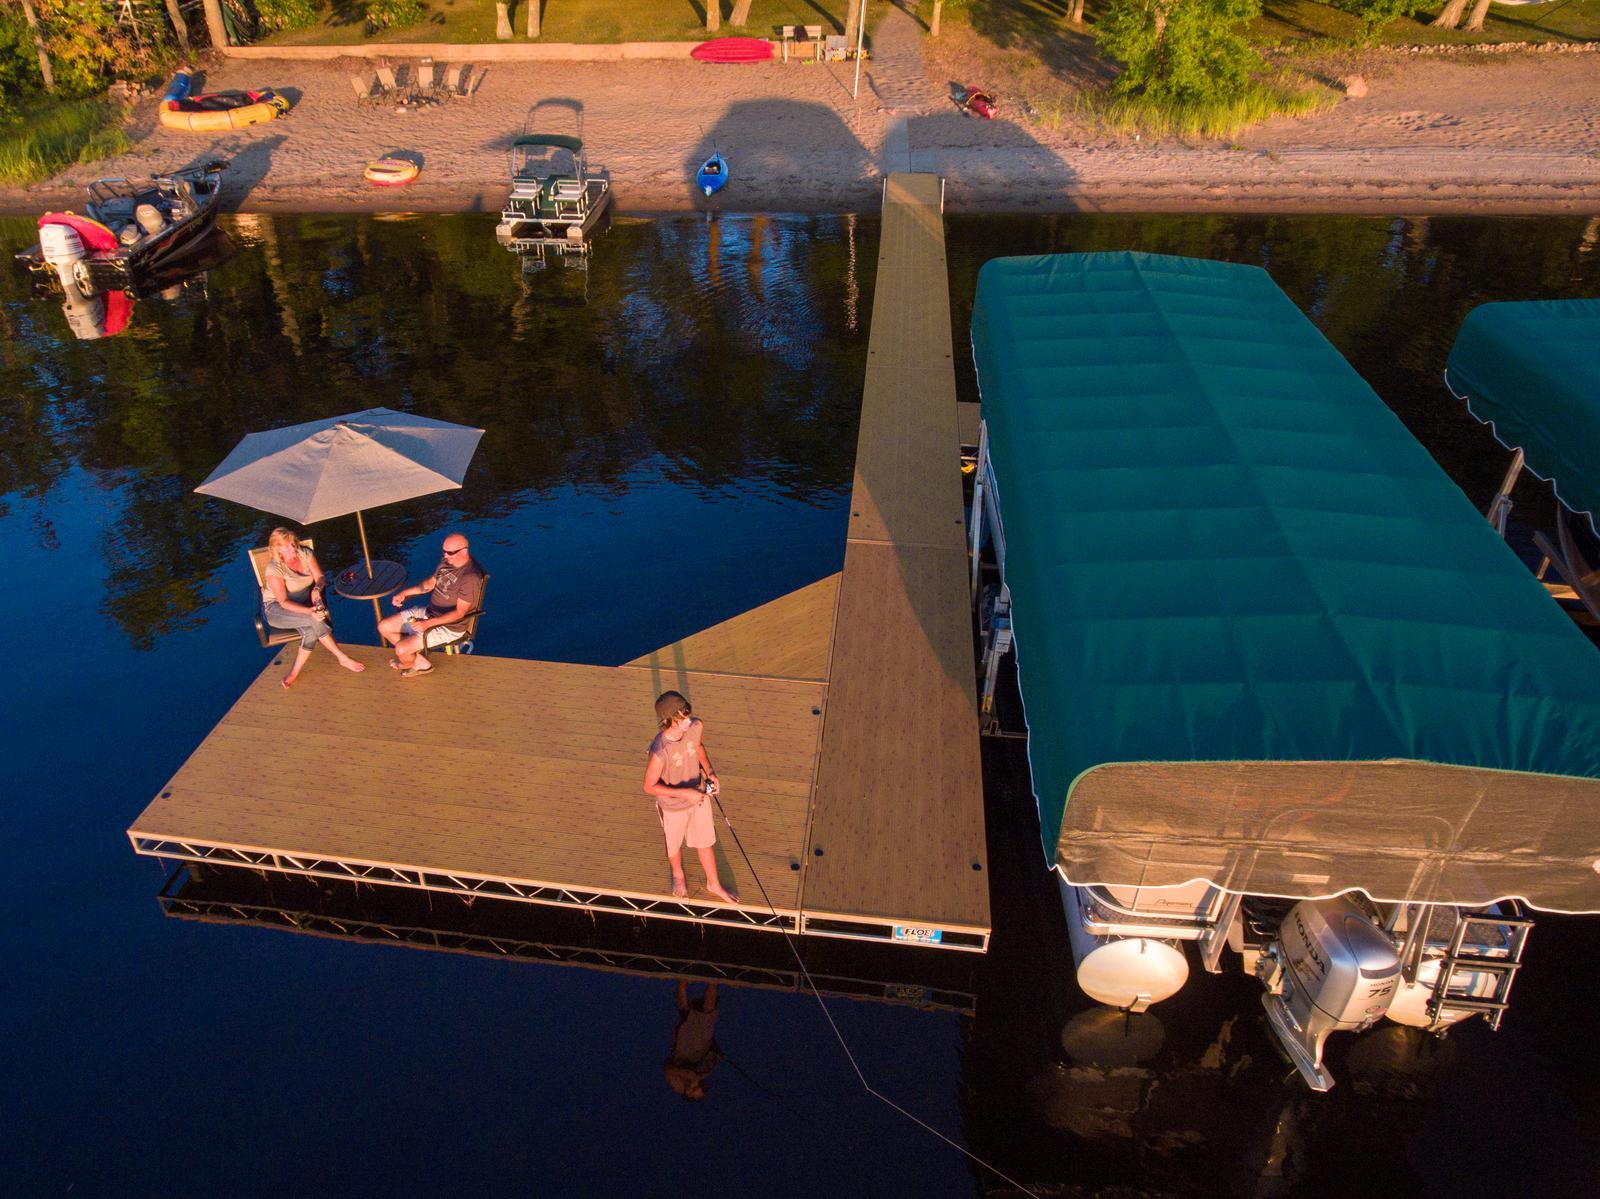 2020 Floe Intl 4 X 16 Rolling Dock Color Alum Grain For Sale In West Bloomfield Mi Decks N Docks Marine West Bloomfield Mi 248 683 0062